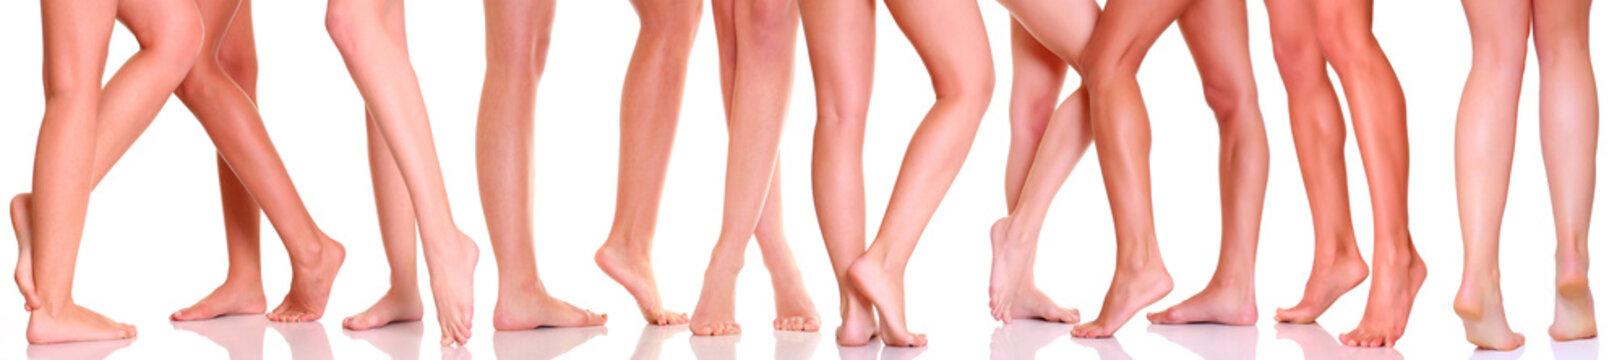 Beautiful legs